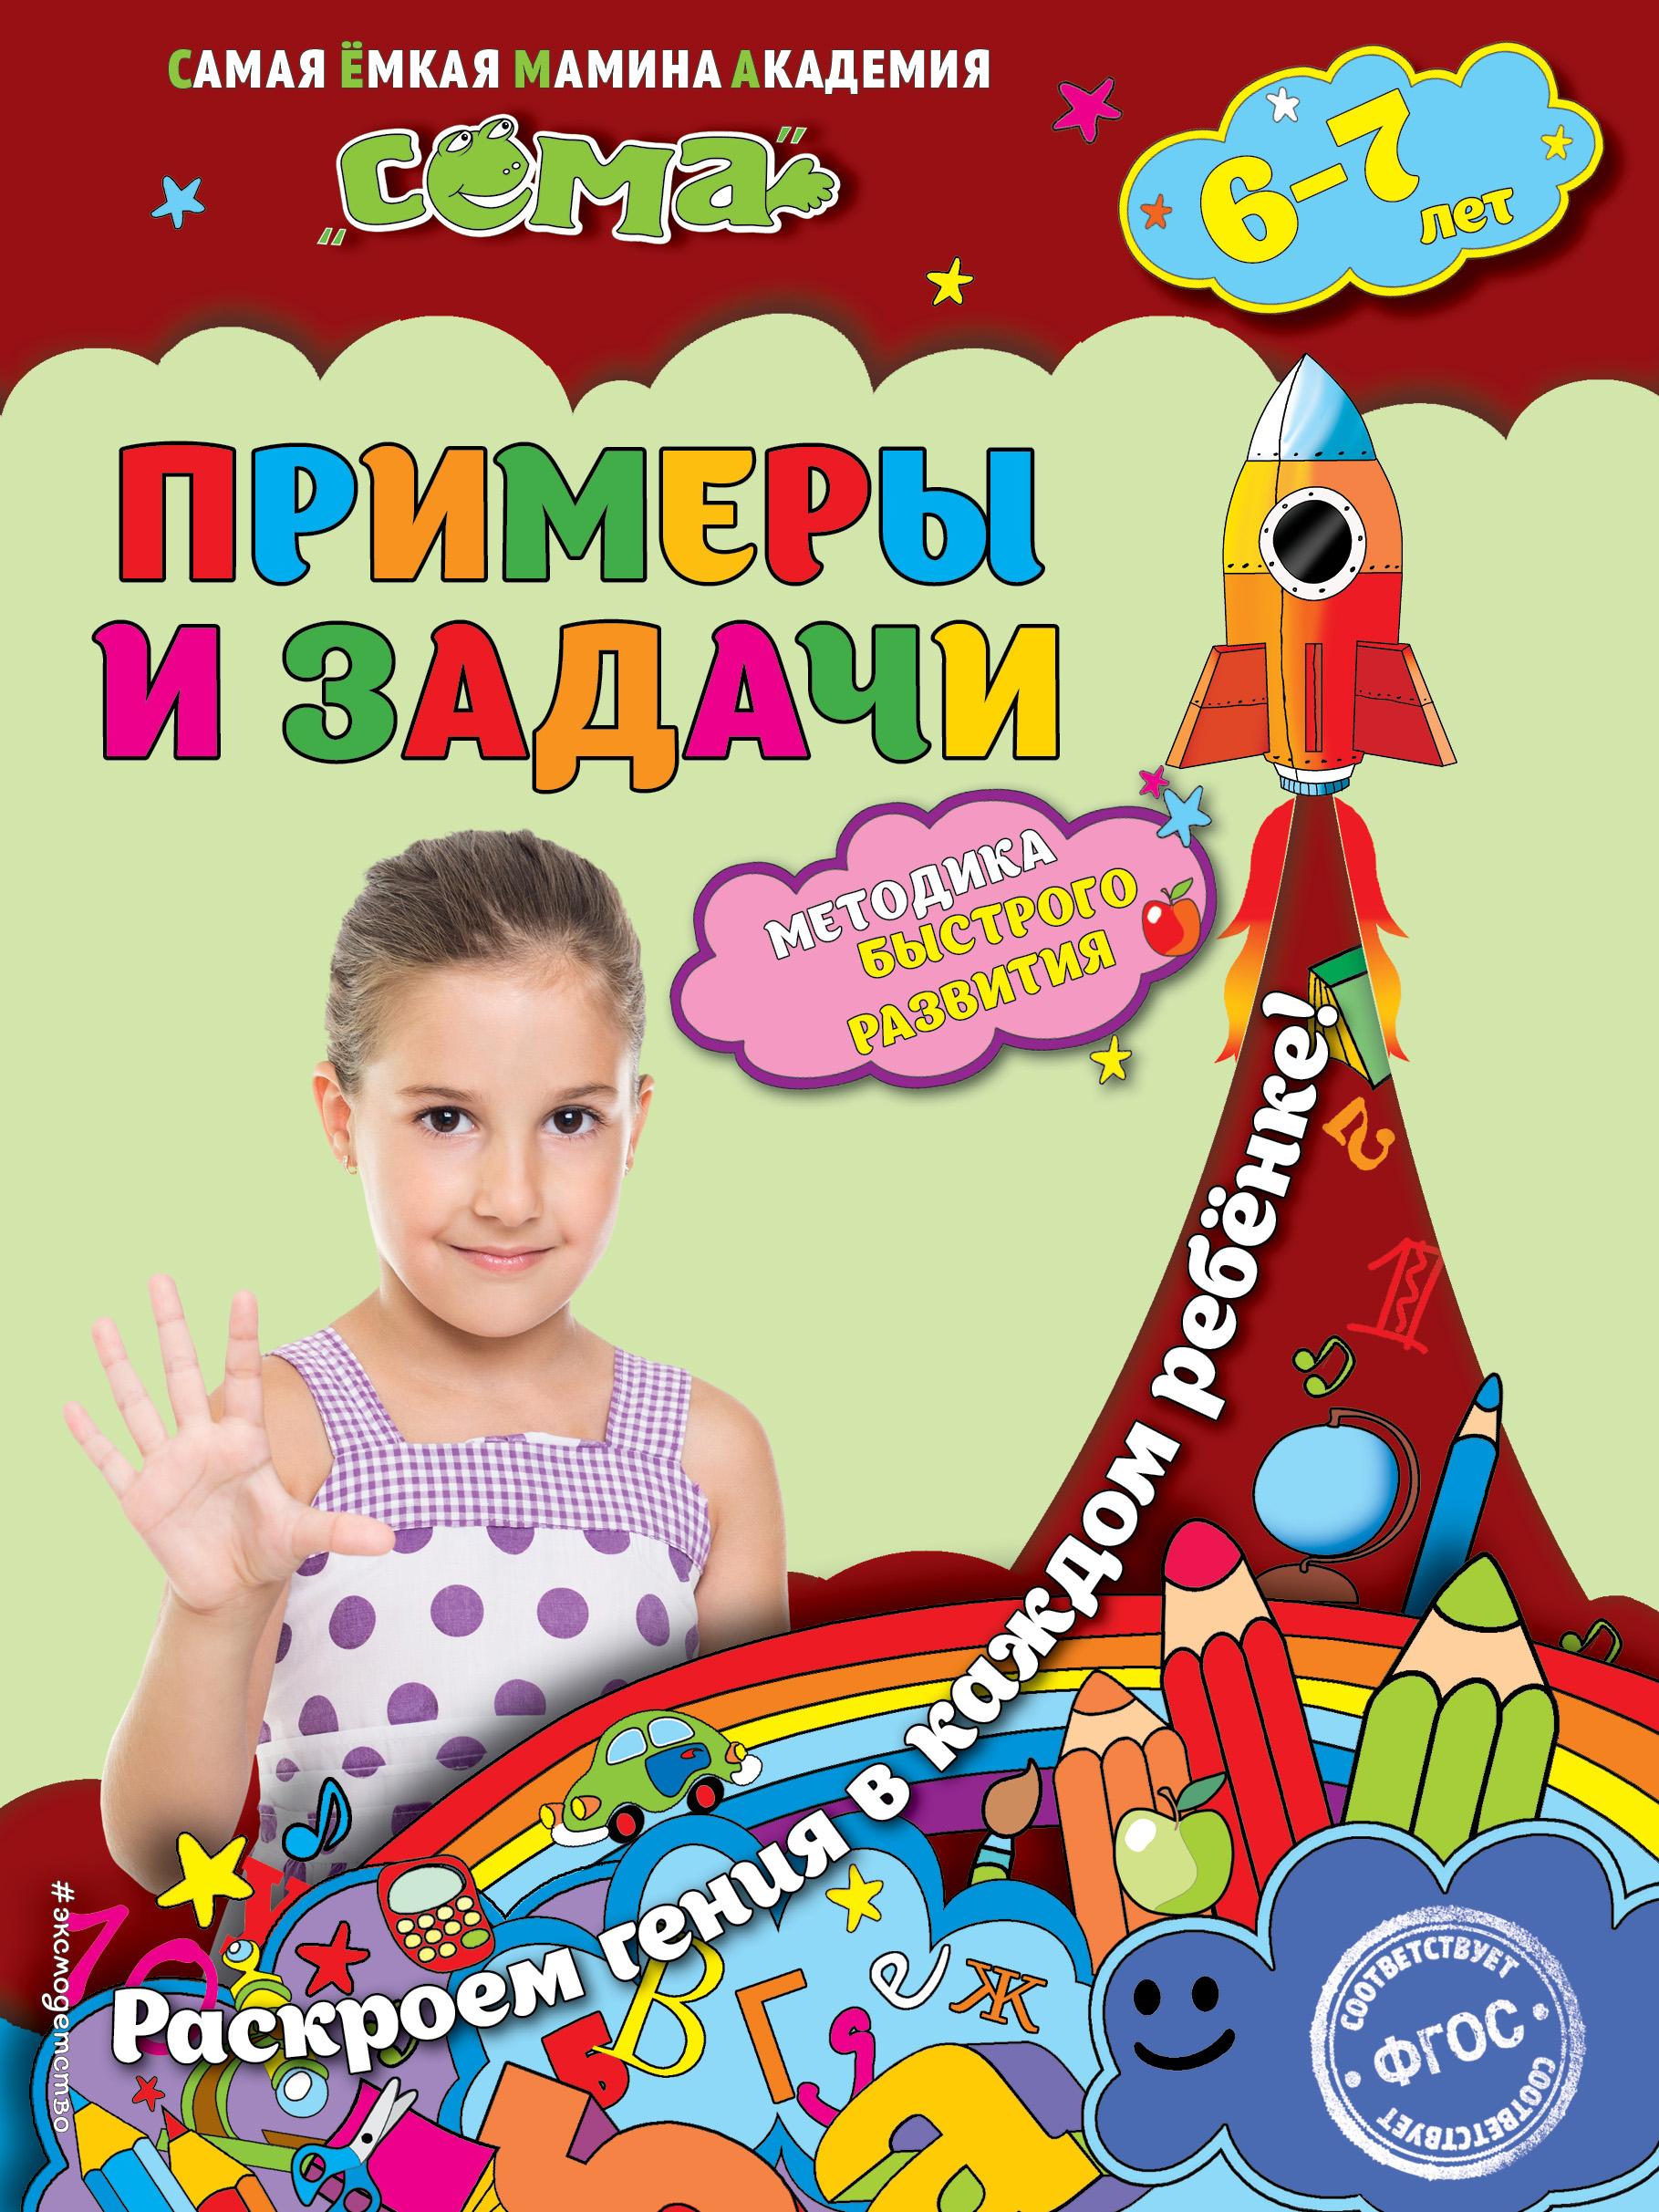 Липина С.В., Маланка Т.Г. Примеры и задачи: для детей 6-7 лет липина с маланка т примеры и задачи для детей 6 7 лет